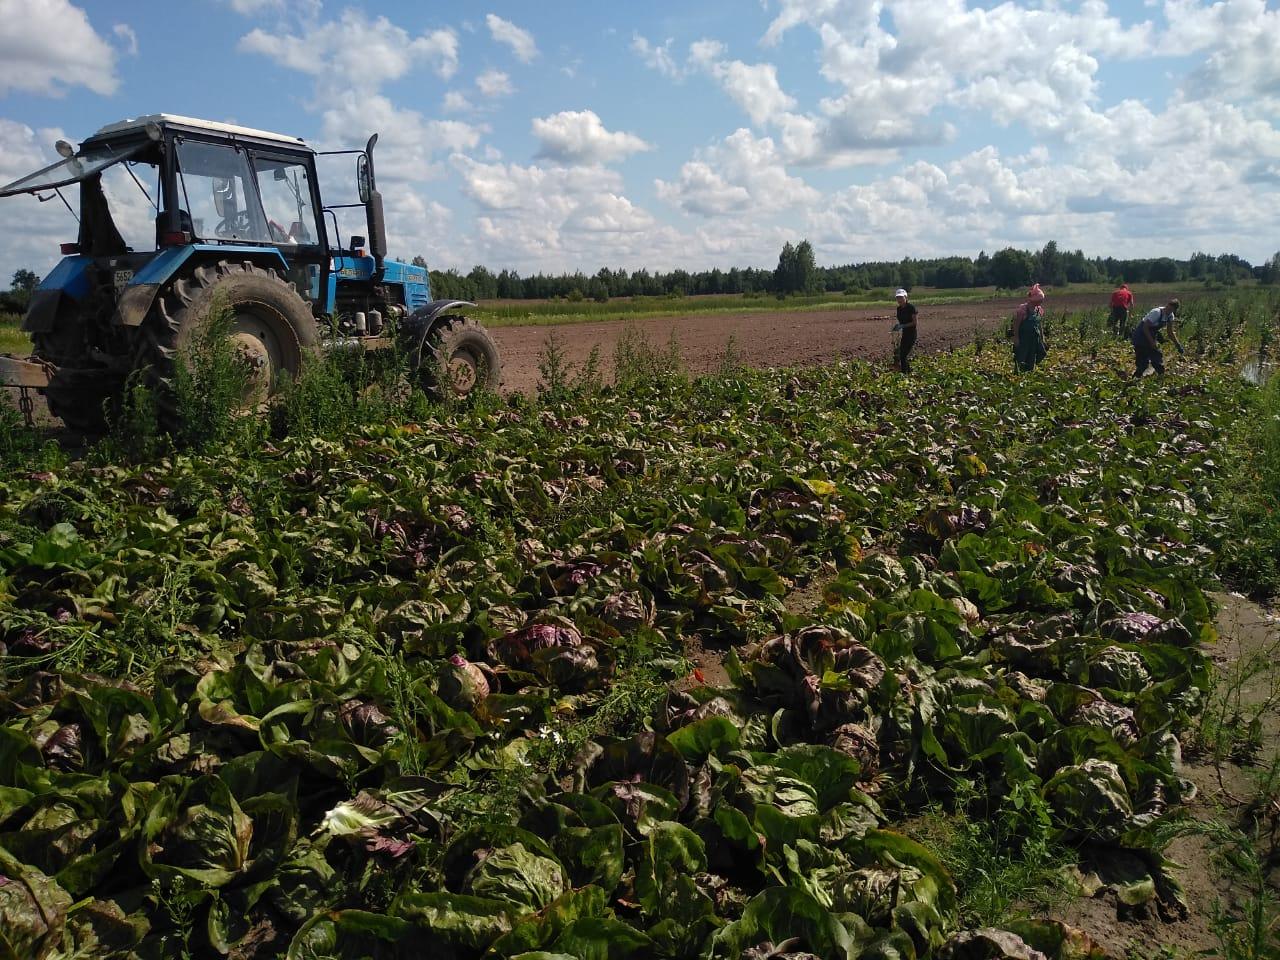 В Ярославской области началась уборка овощей: что собирают